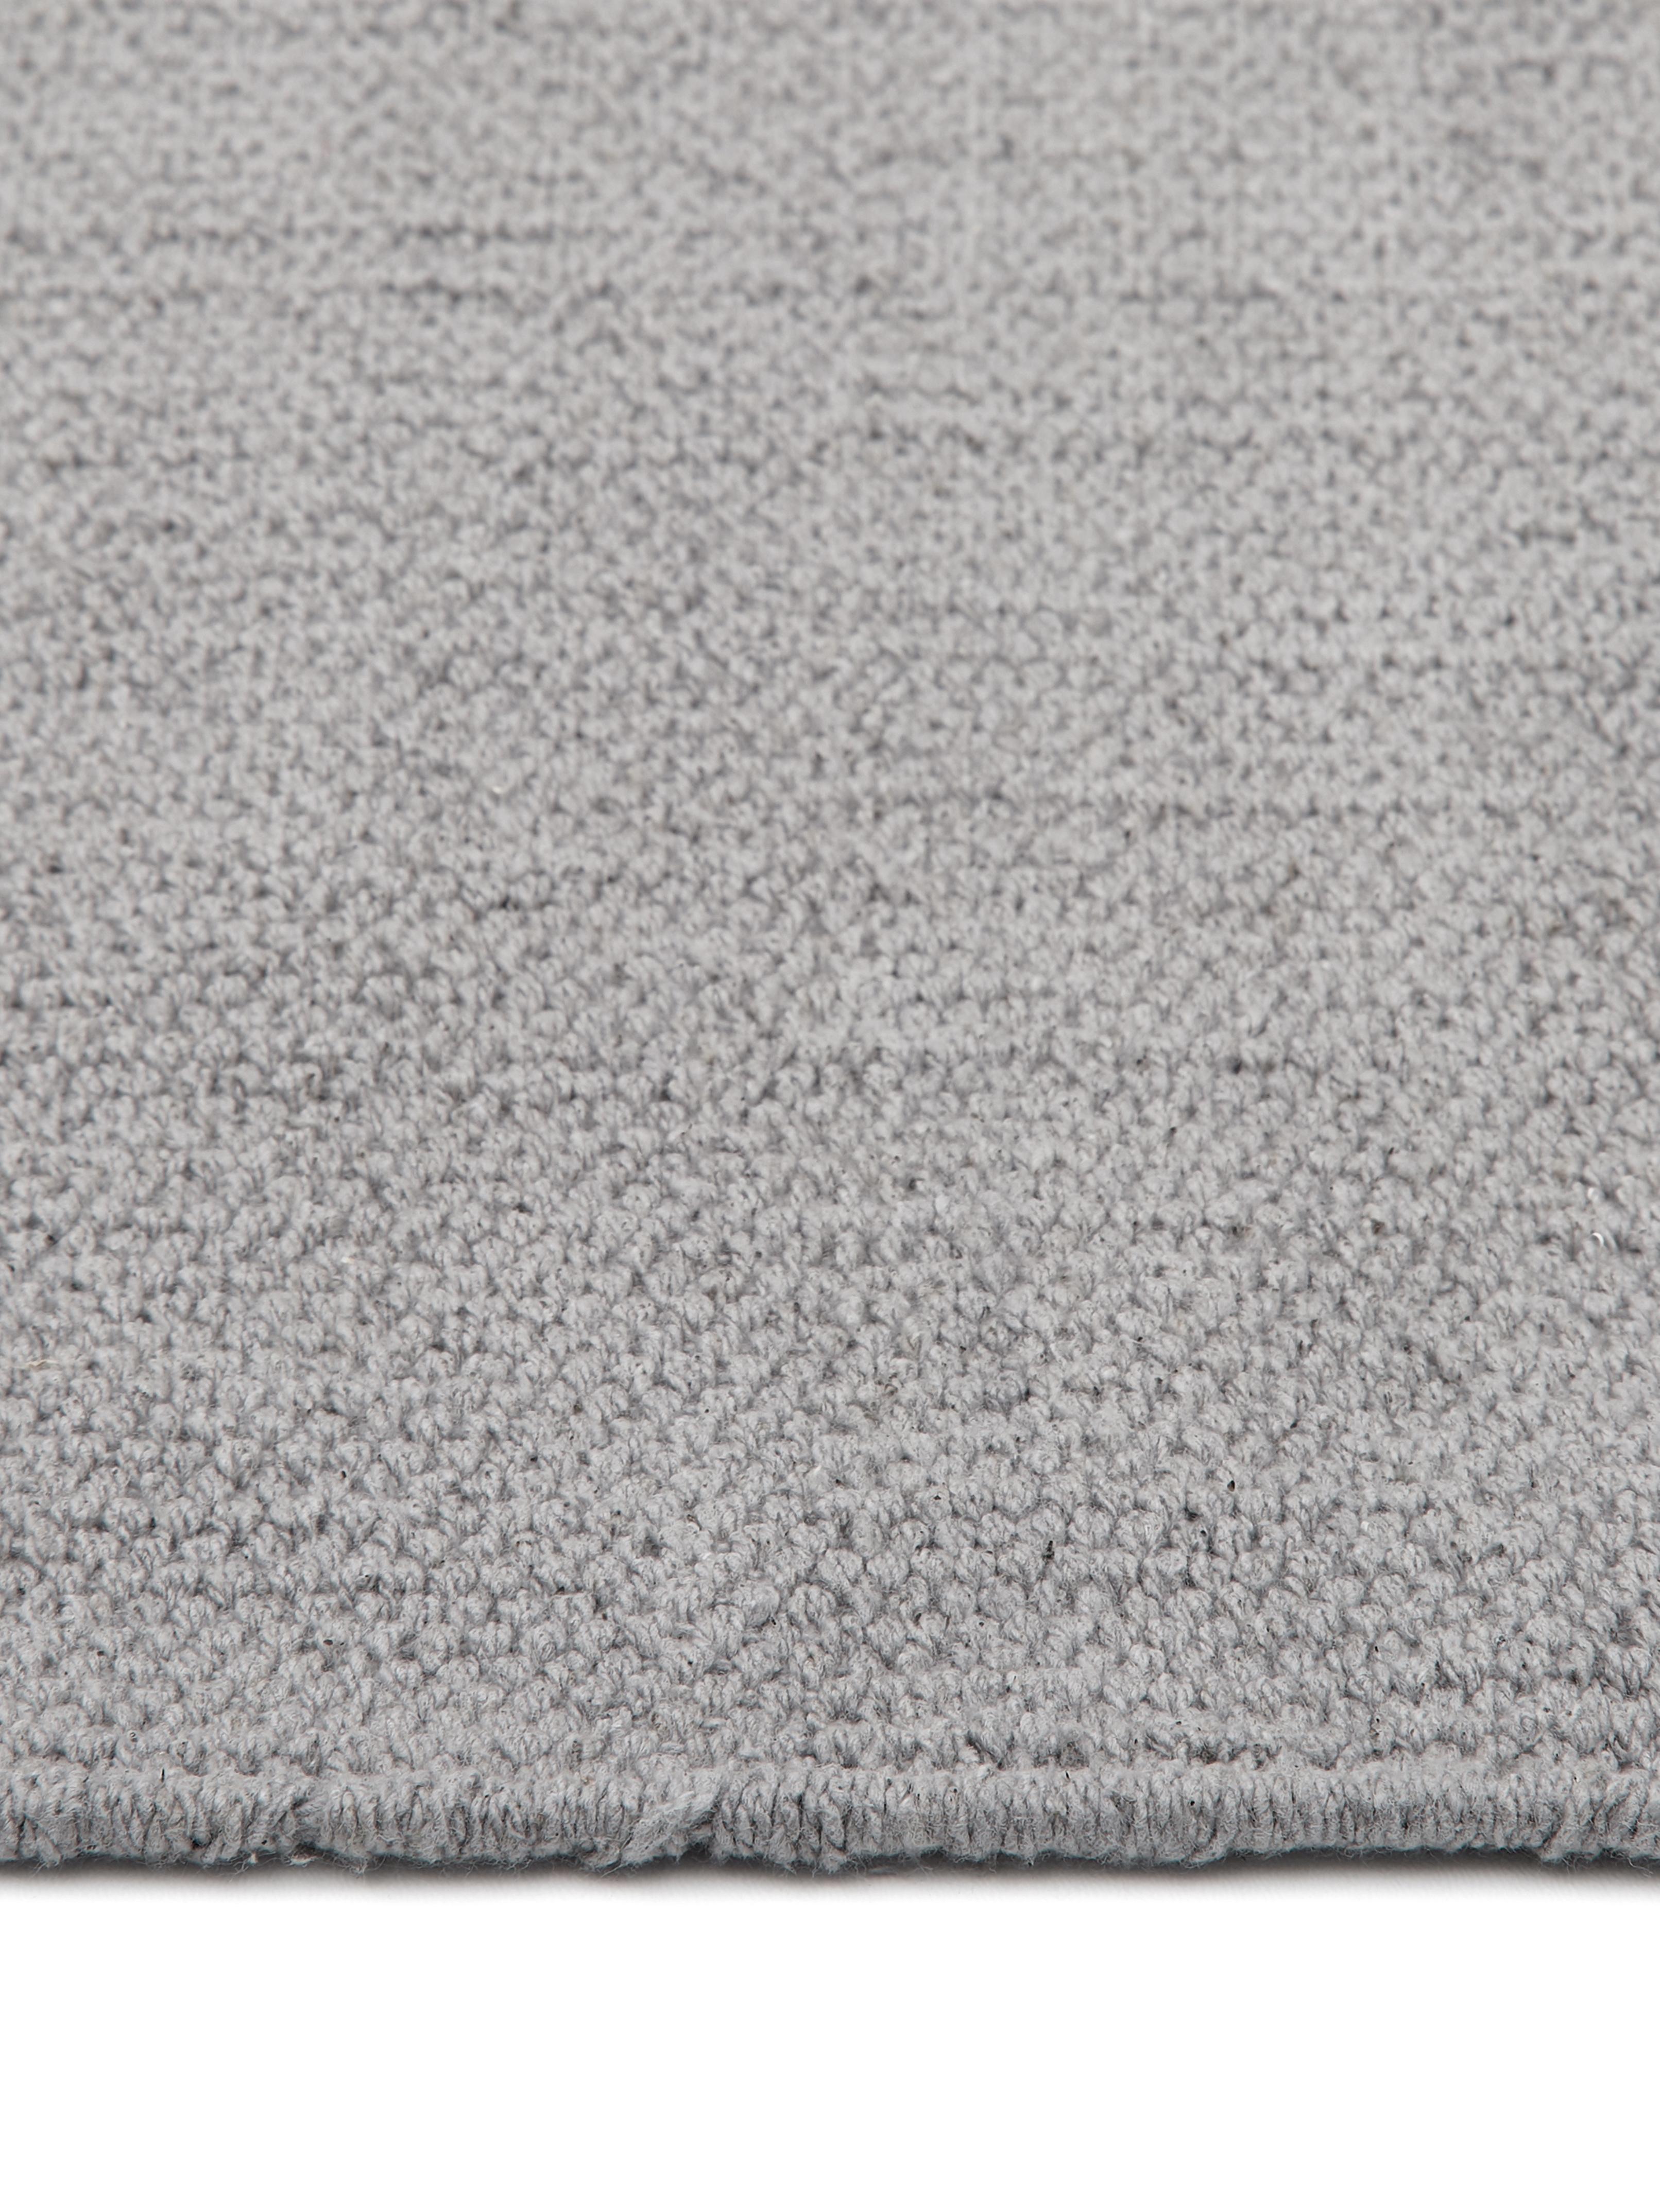 Tappeto in cotone tessuto a mano Agneta, Cotone, Grigio, Larg. 70 x Lung. 140 cm (taglia XS)